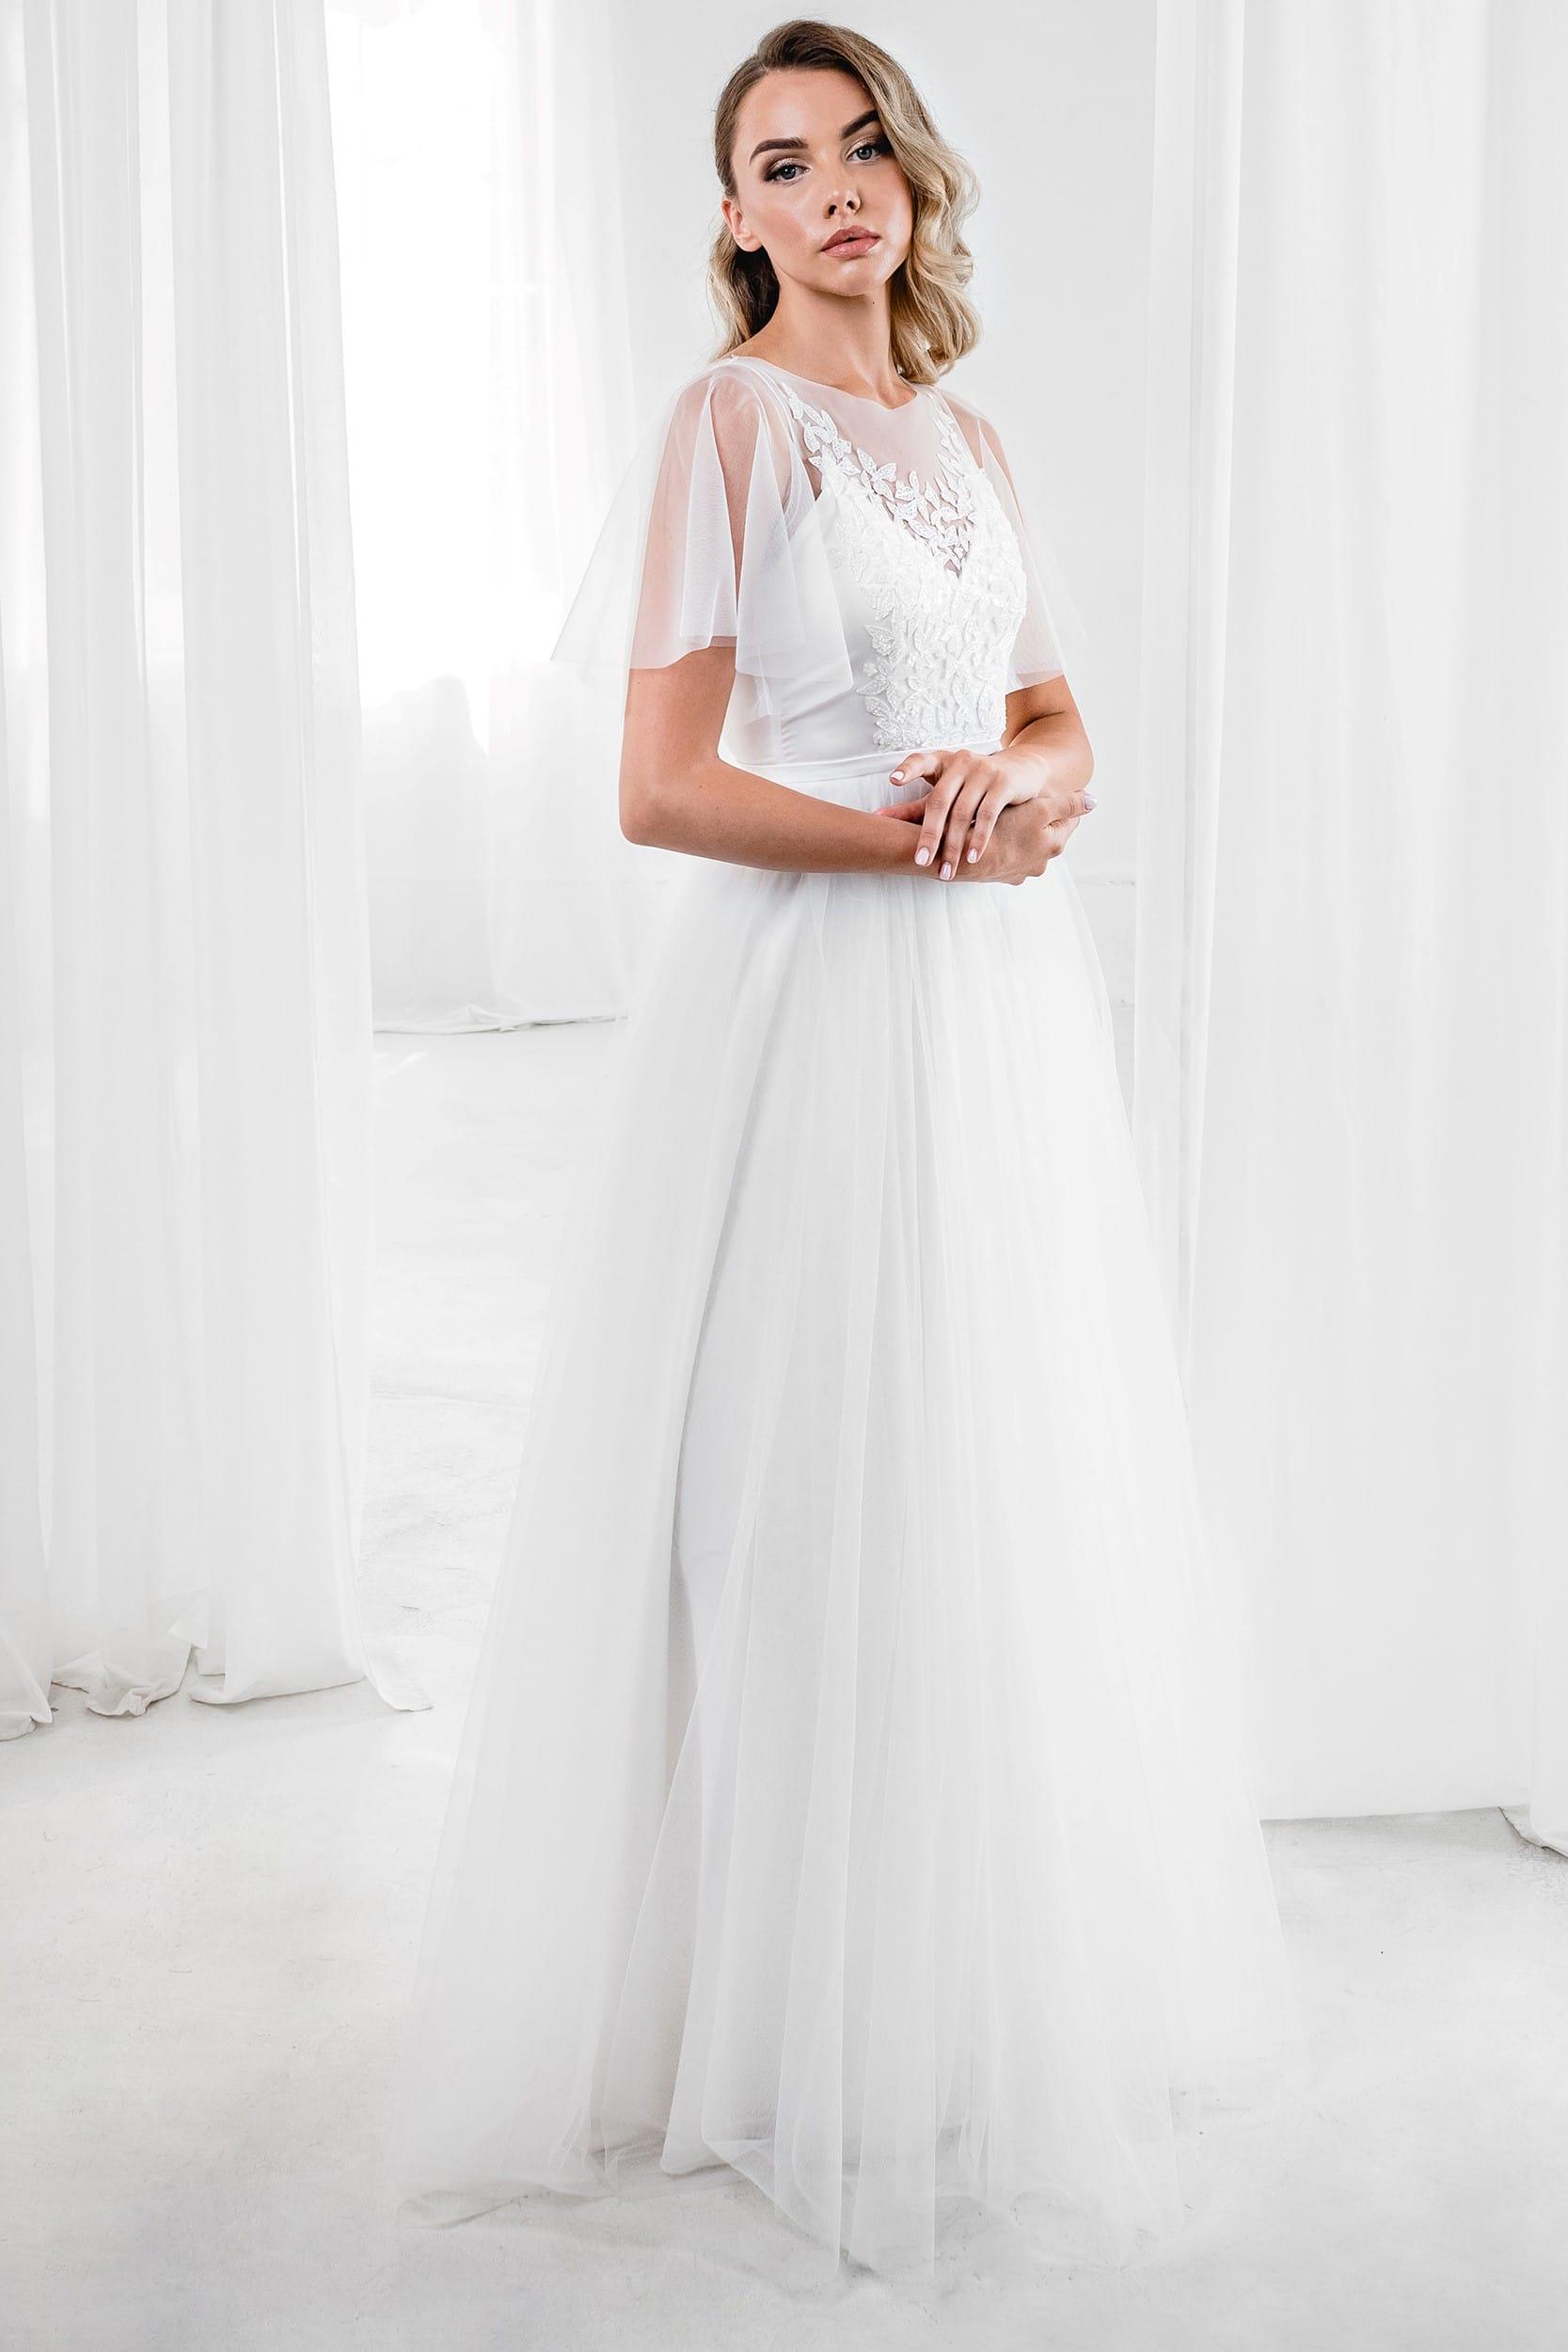 Простое и элегантное свадебное платье рустик, силуэт а-силуэт, цвет молочный